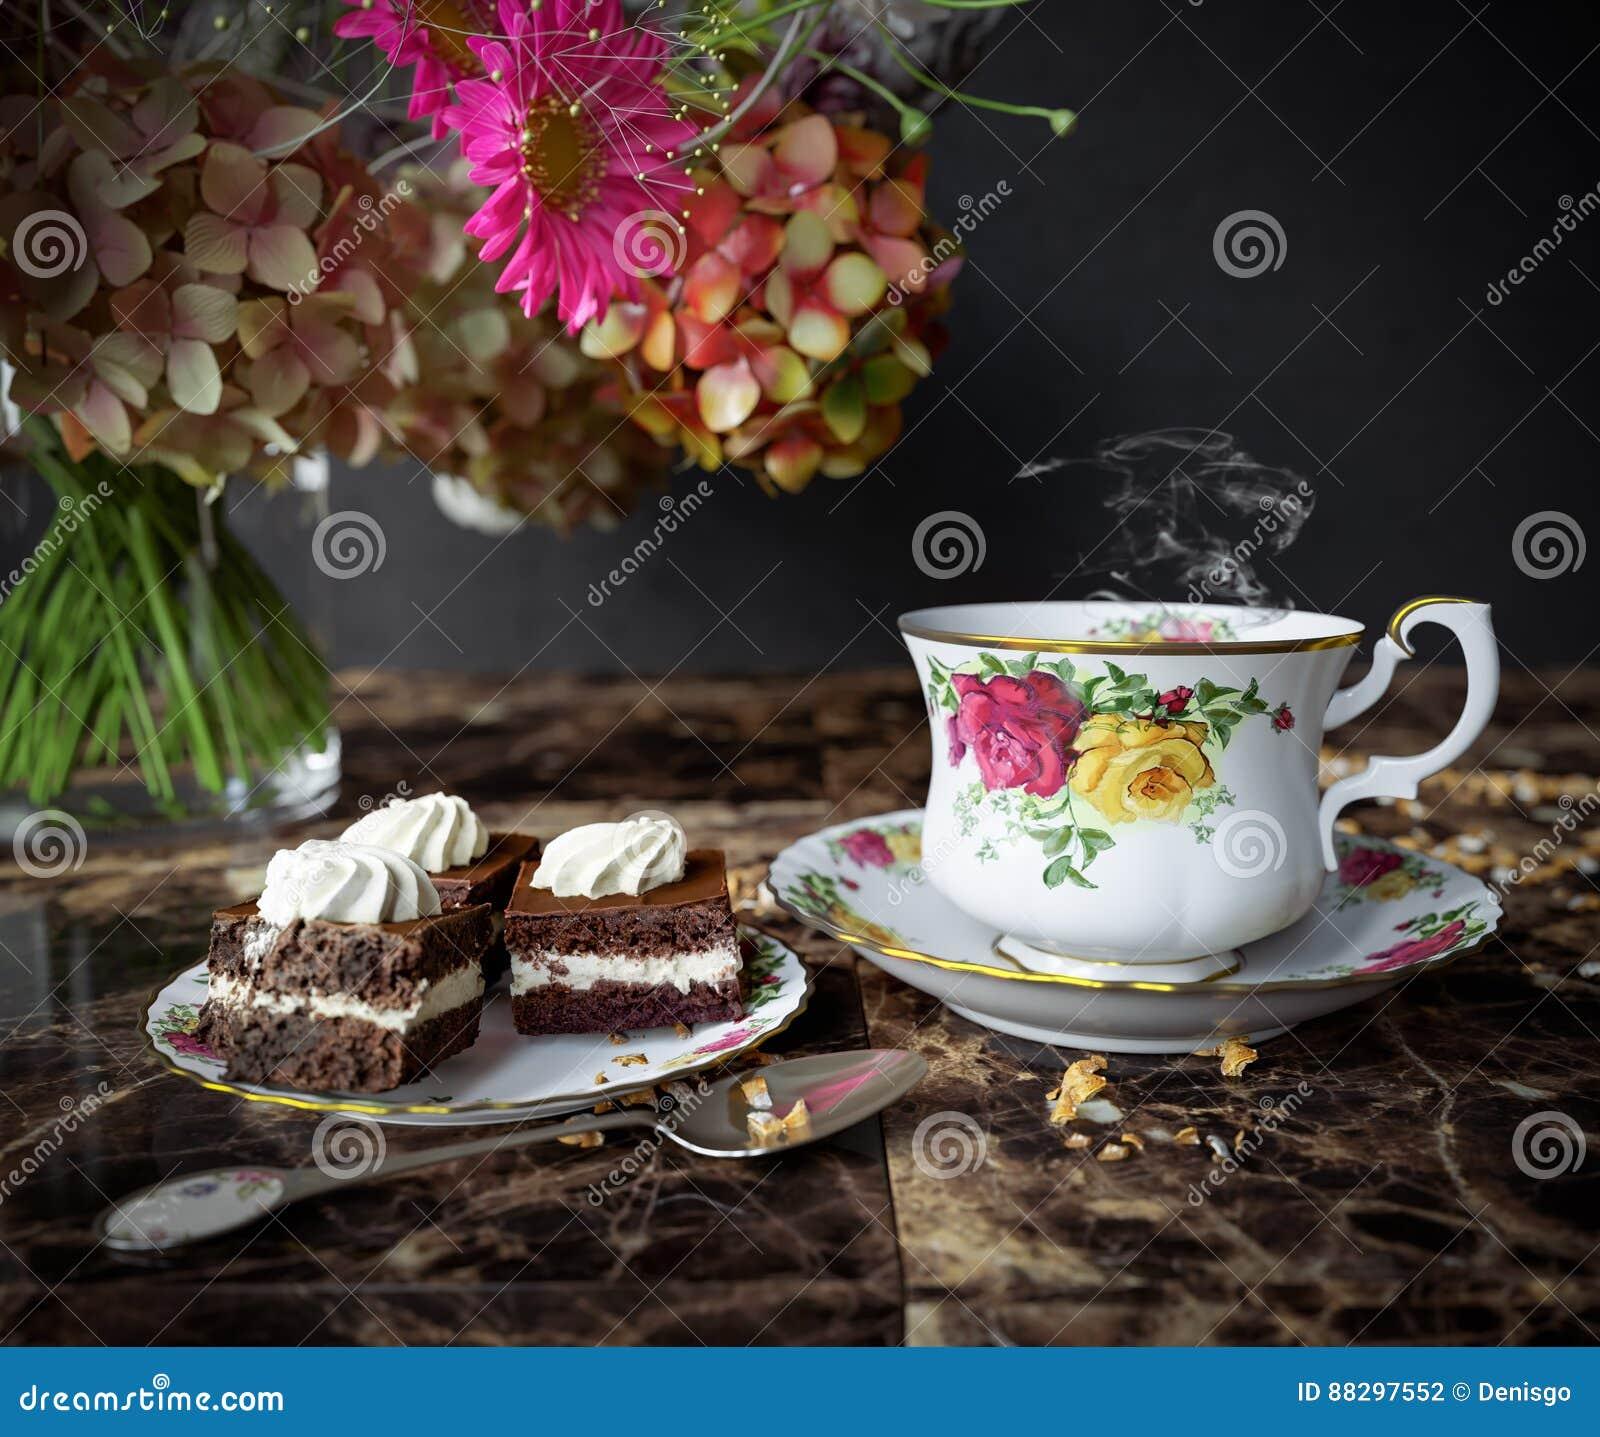 Κινηματογράφηση σε πρώτο πλάνο του φλυτζανιού του τσαγιού με το κέικ και της ανθοδέσμης λουλουδιών στην ξύλινη επιτραπέζια στενή